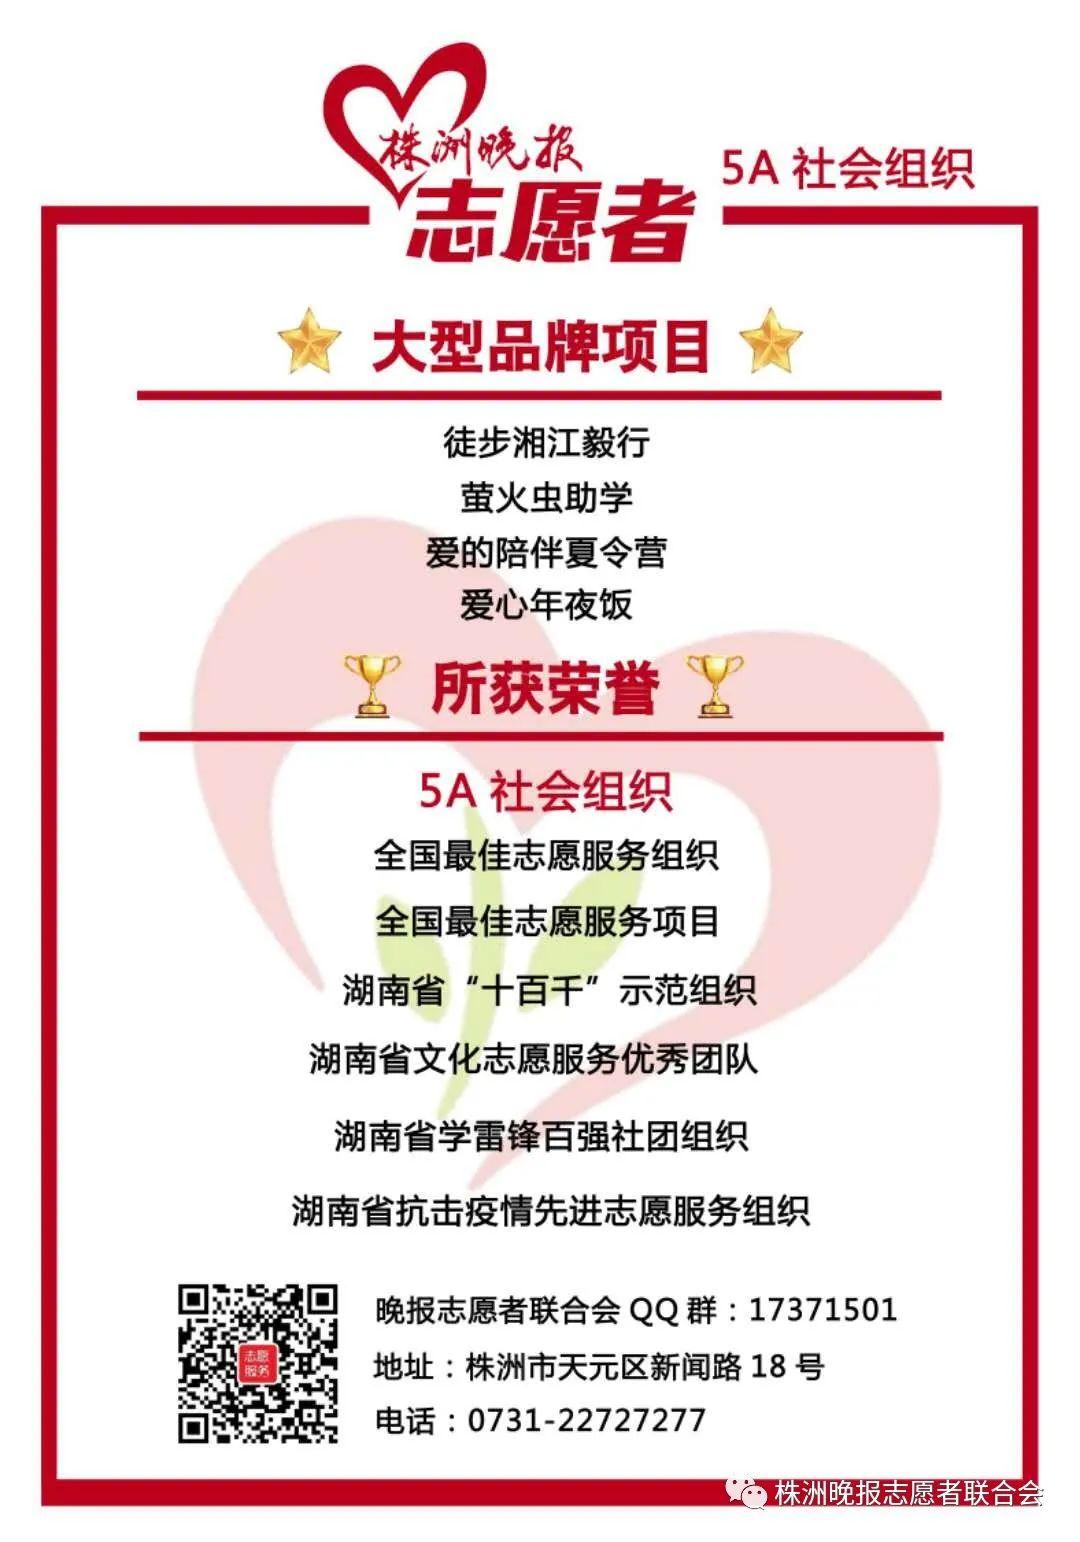 【党建领航 三社联动 文明实践】工大社区便民服务活动日